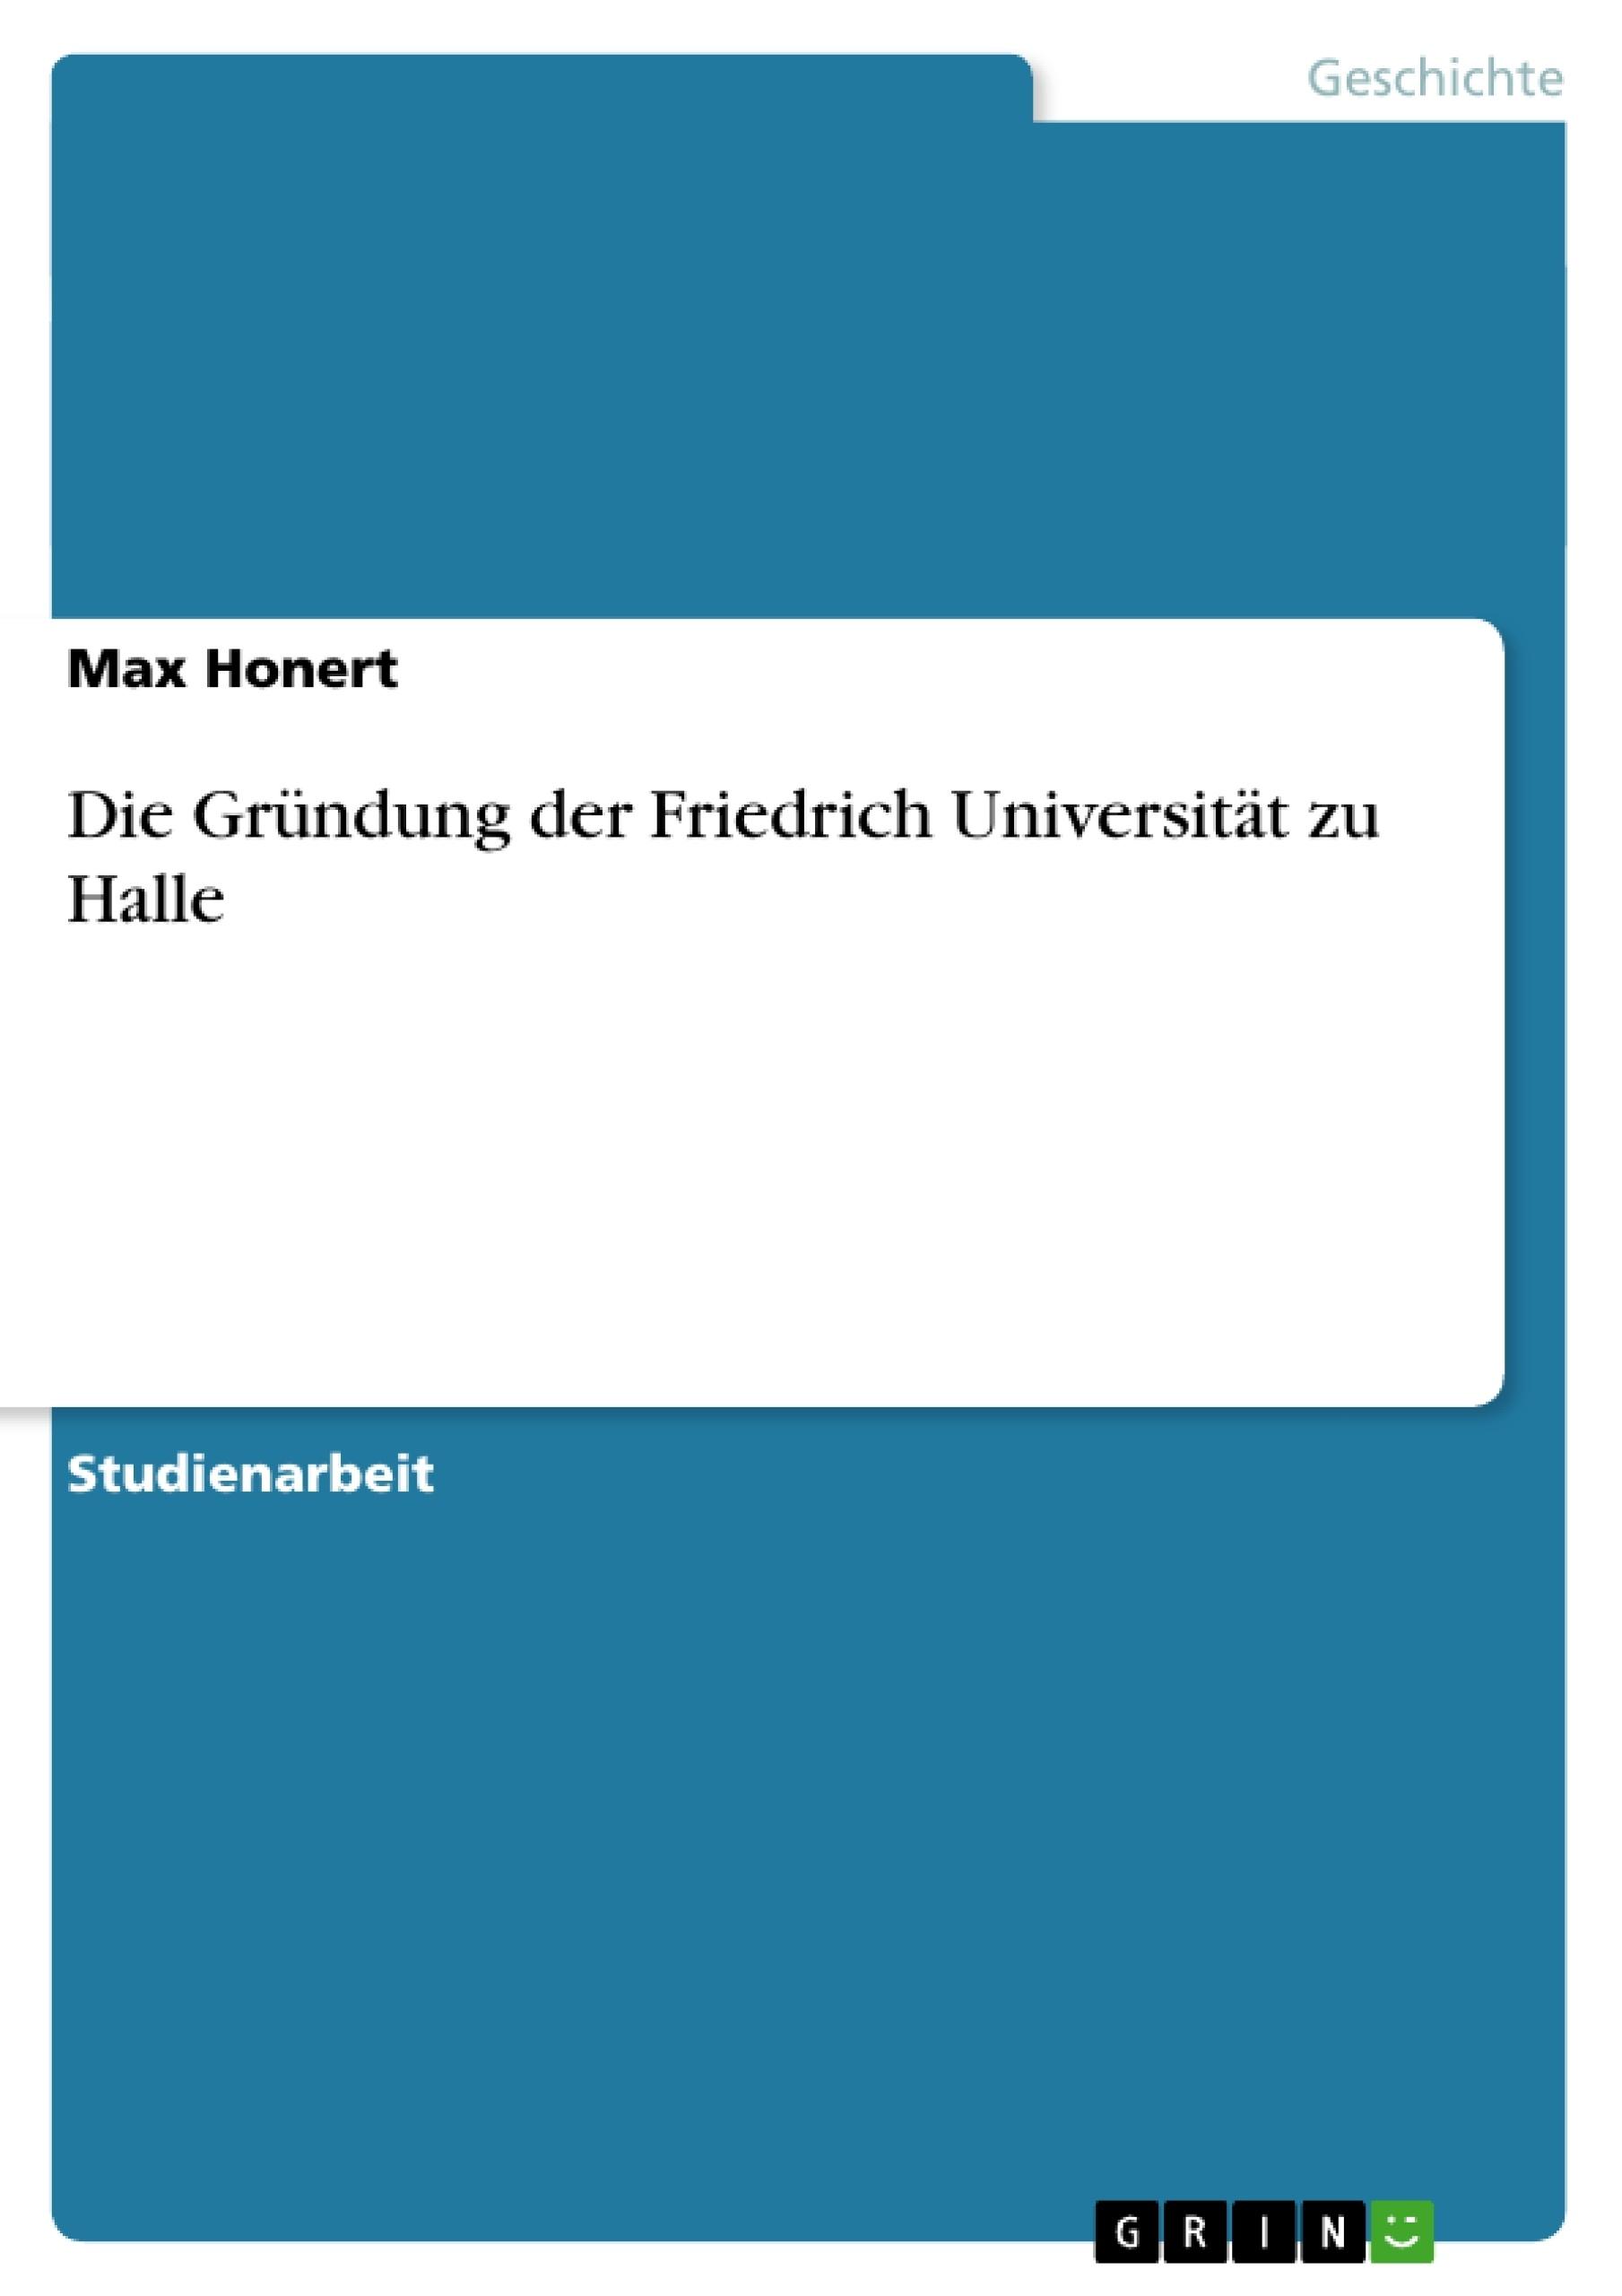 Die Gründung der Friedrich Universität zu Halle | Masterarbeit ...